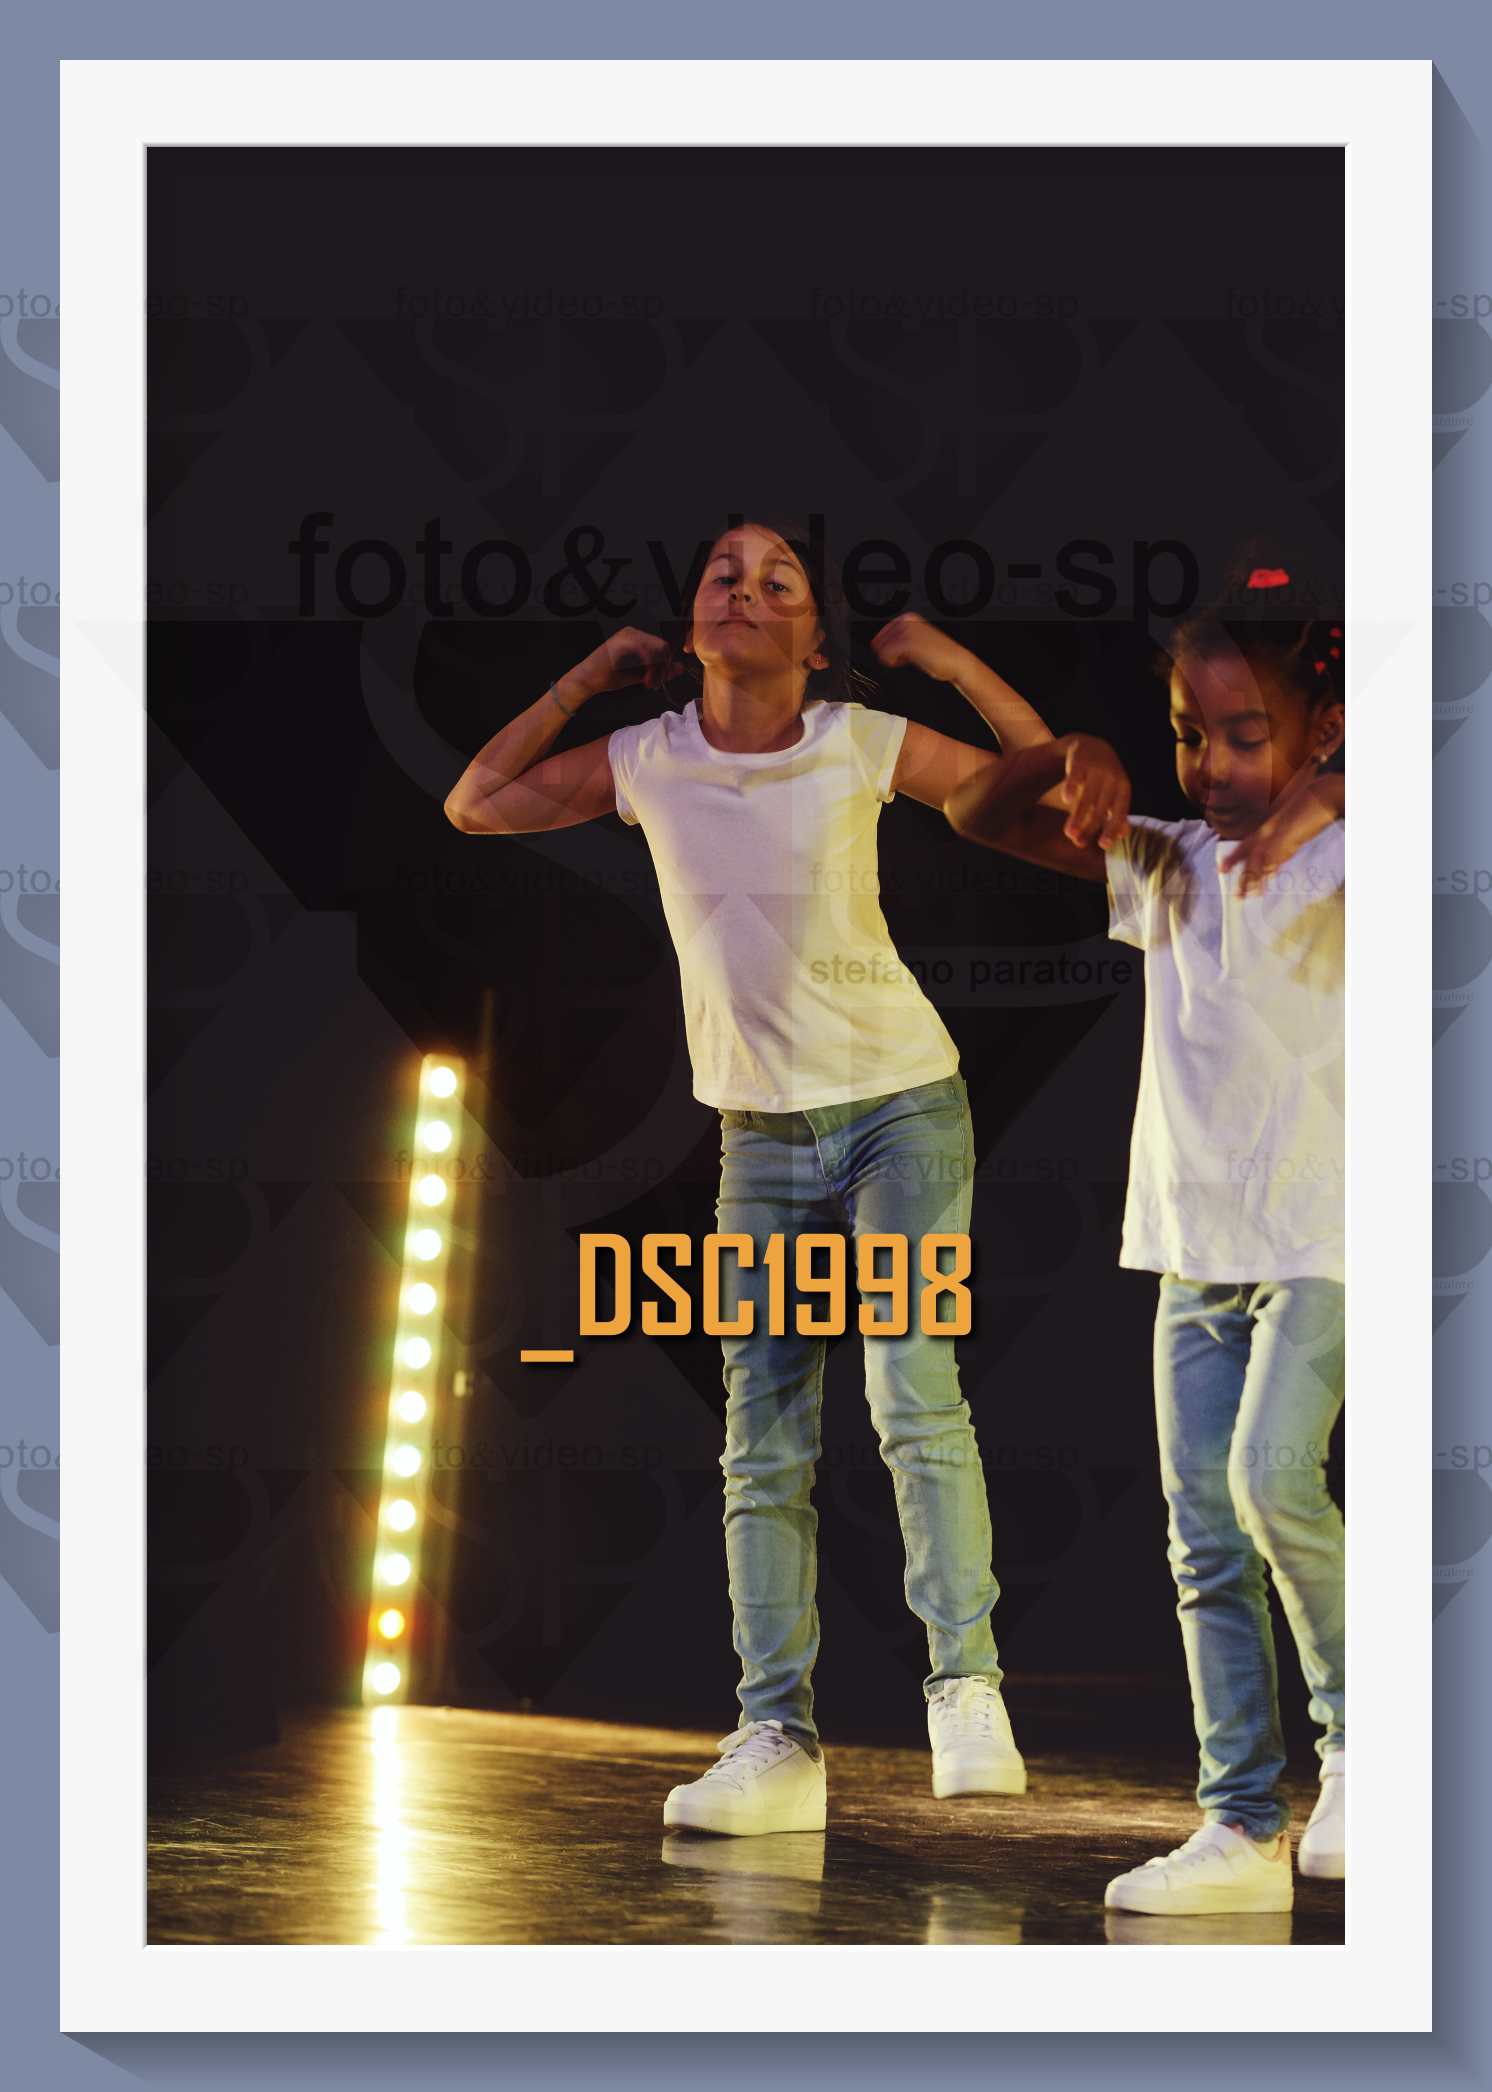 DSC1998